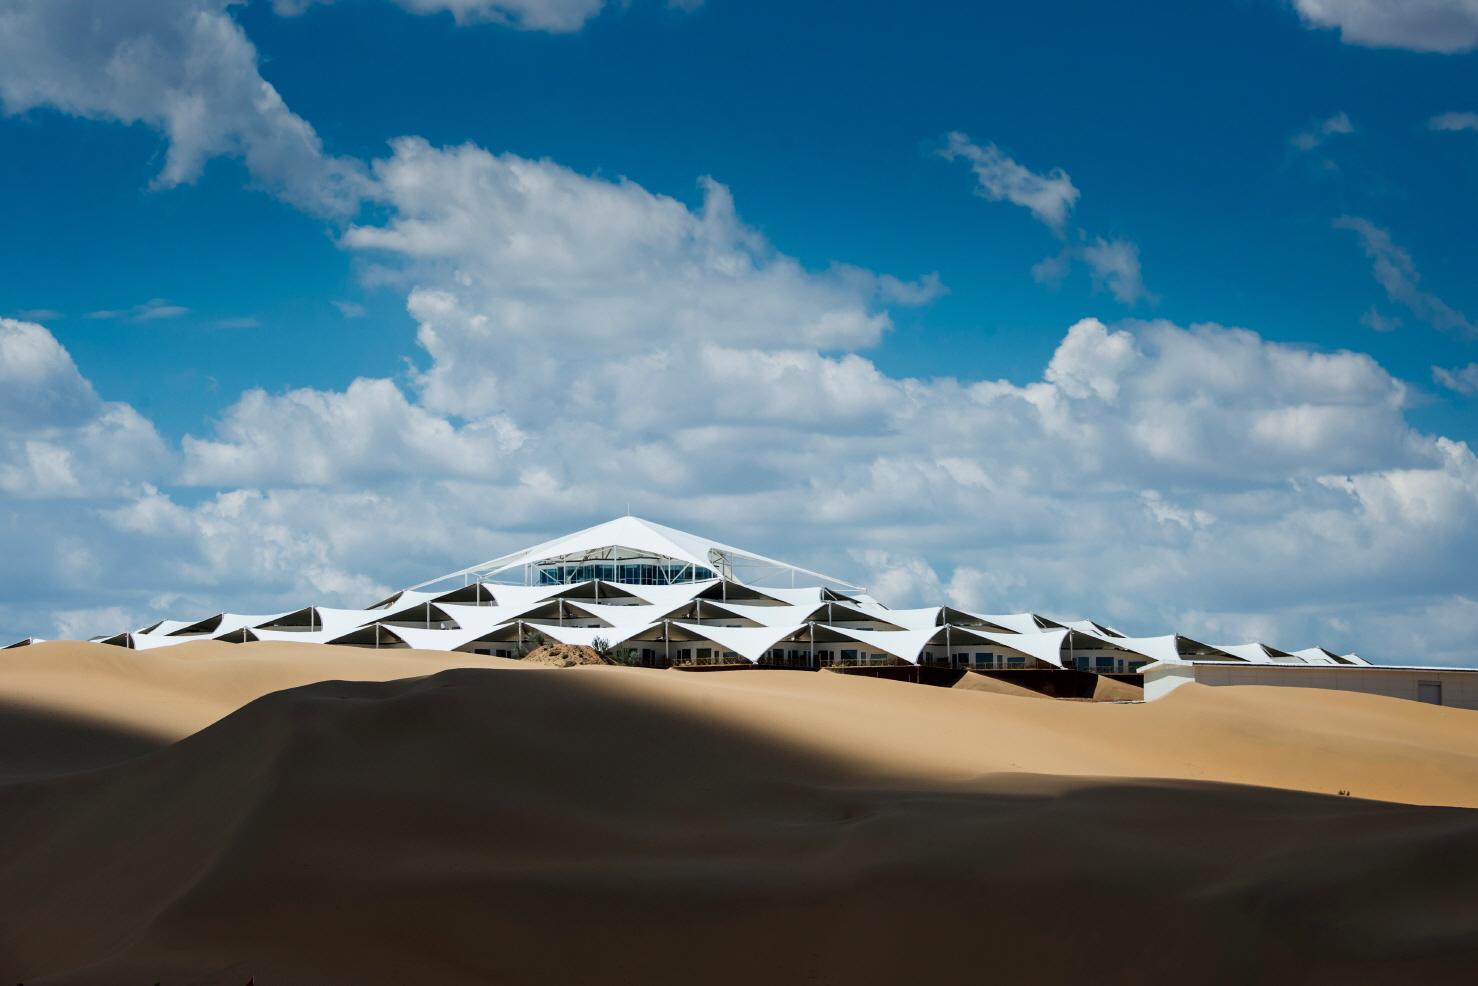 〔안정원의 건축 칼럼〕 대자연과의 관계성을 고민한 디자인으로 미래의 개발 가능성을 모색 2